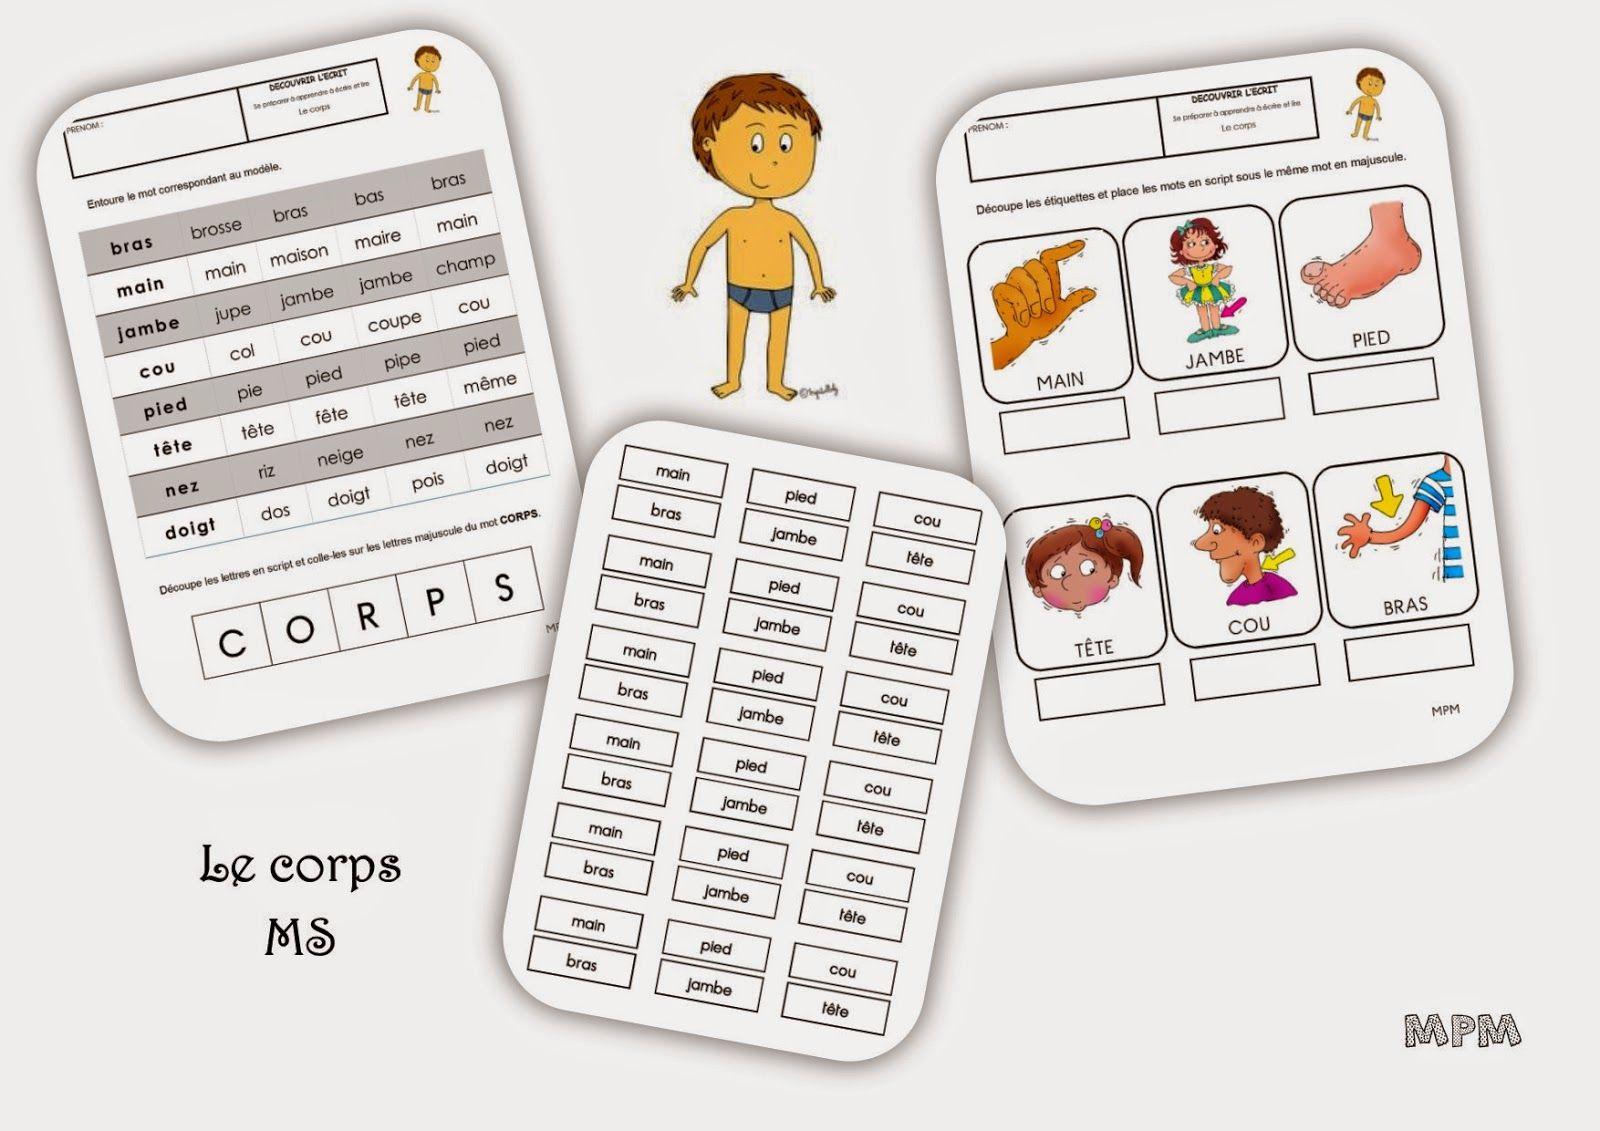 Fiches De Travail Ms - Le Corps | Corps tout Le Corps Humain En Maternelle